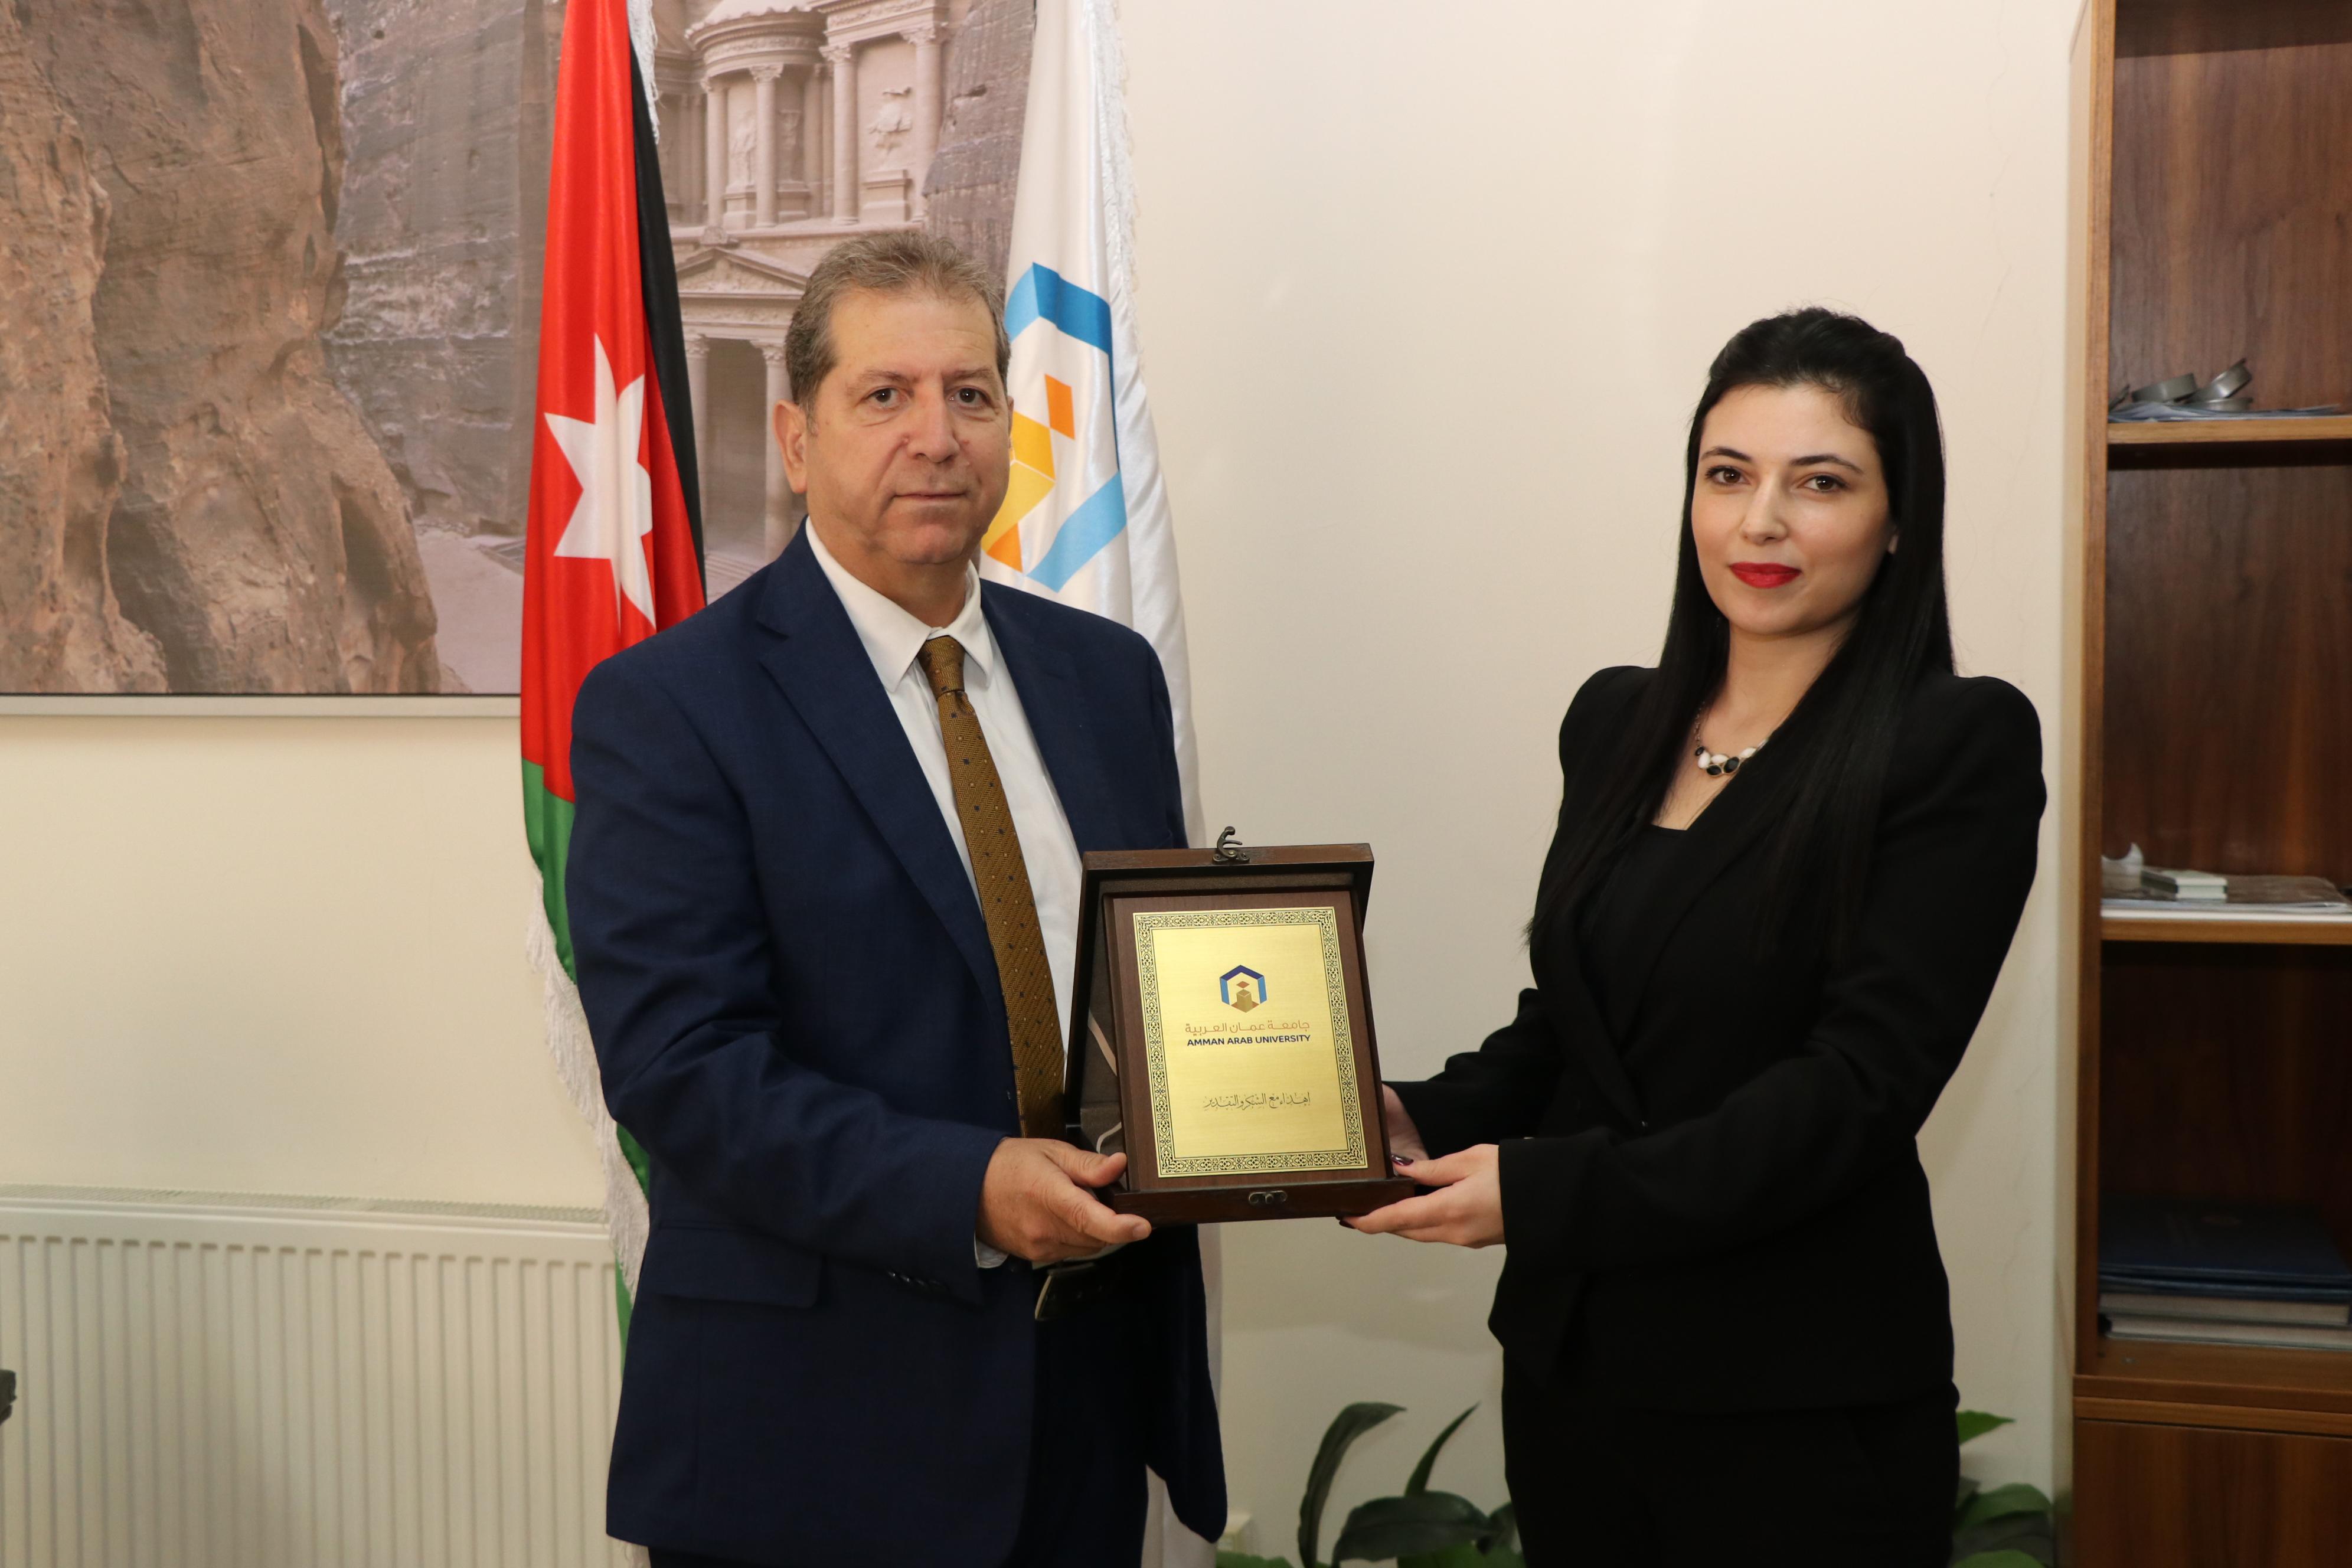 خريجو جامعة عمان العربية يستمرون بالتميز والإبداع